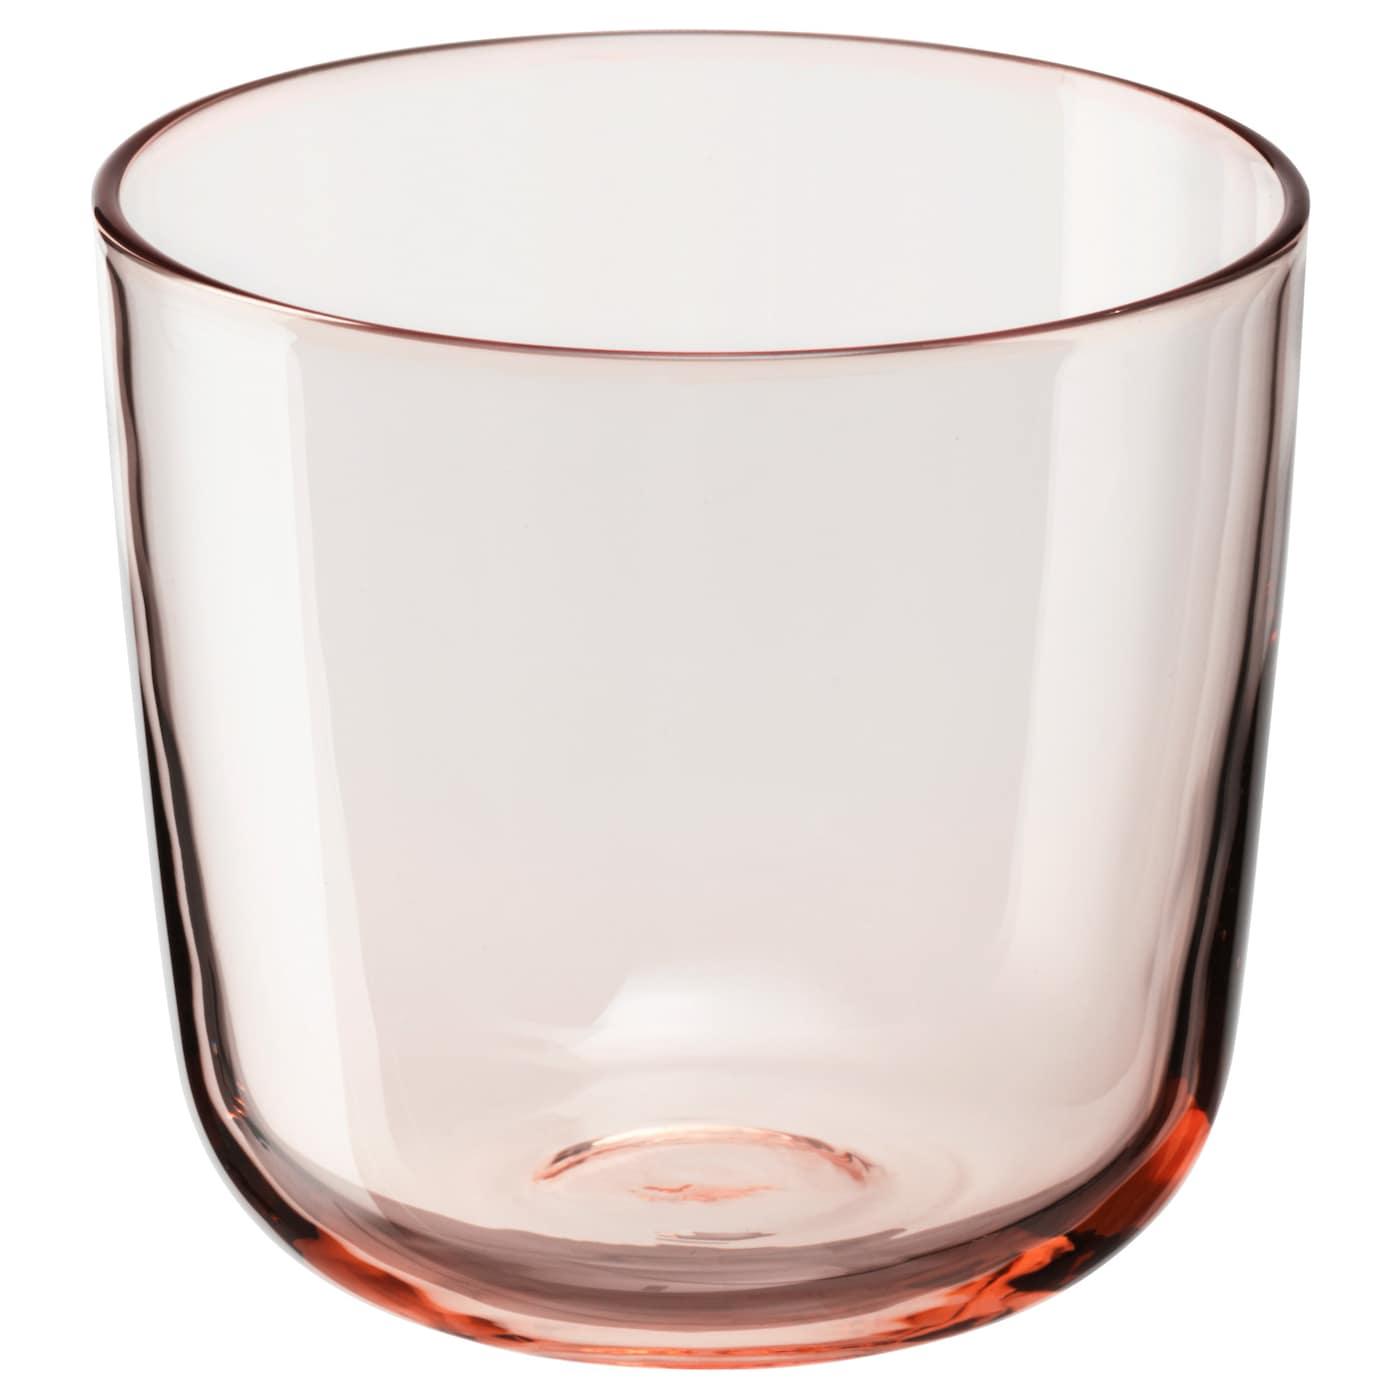 intagande glass light pink 26 cl ikea. Black Bedroom Furniture Sets. Home Design Ideas